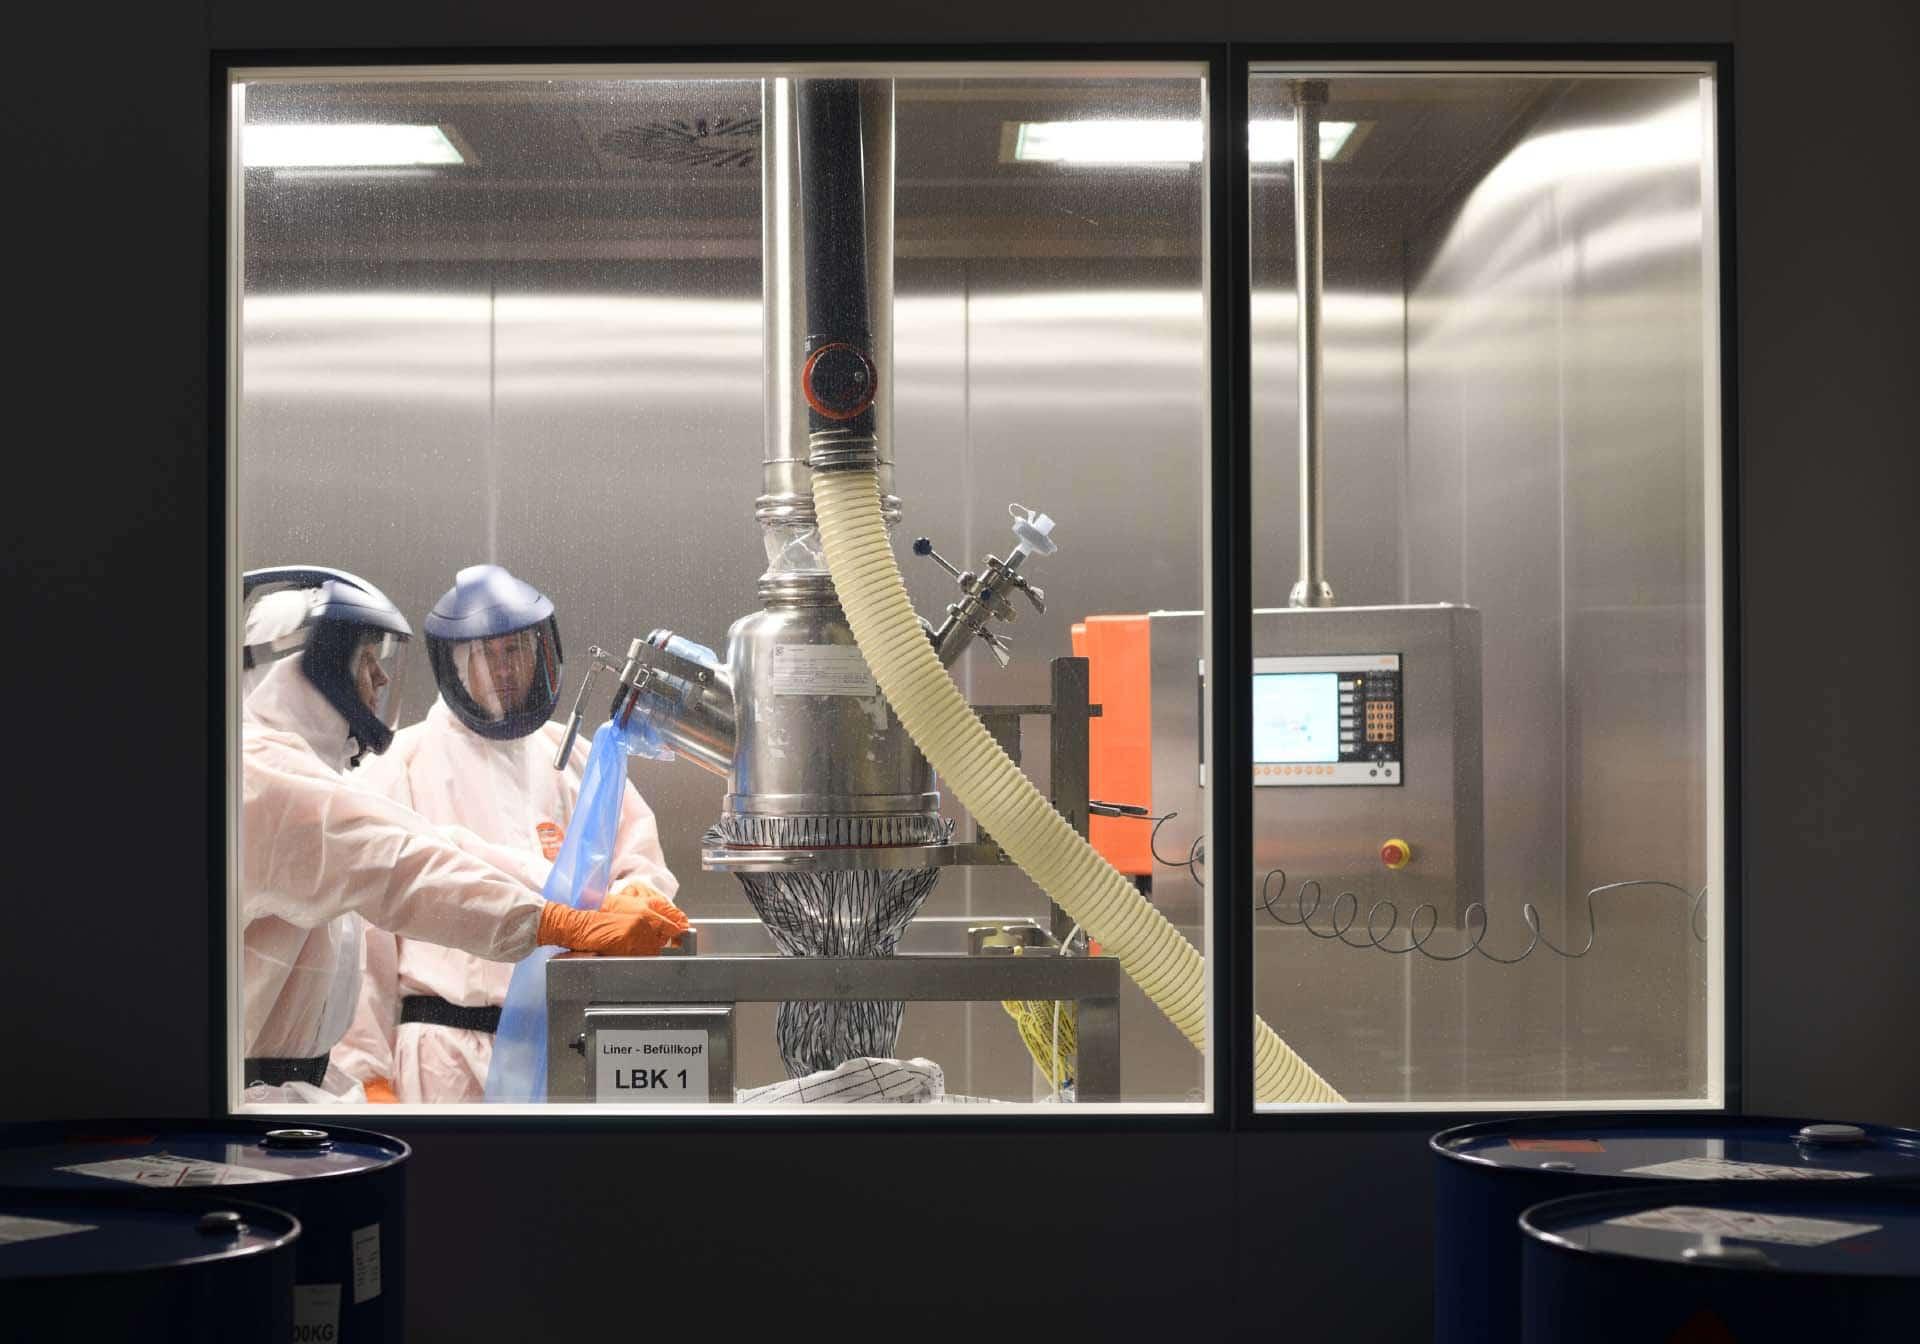 Zwei Mitarbeiter Produktion Chemie, Employer Branding für Excella, Pharma, Webdesign, Karriereseite, Social-Media, Recruiting